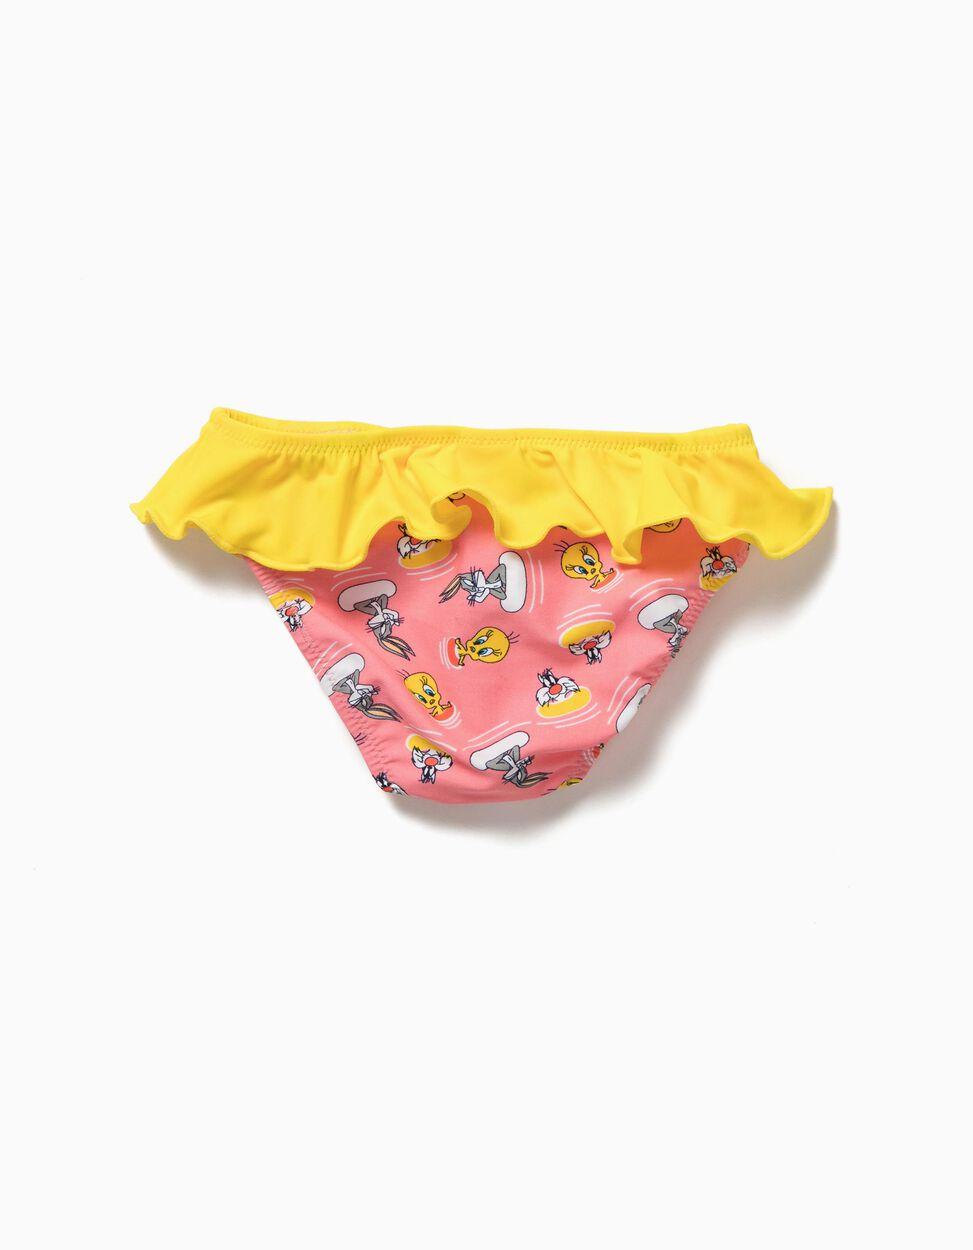 Cuecas de Banho Looney Tunes